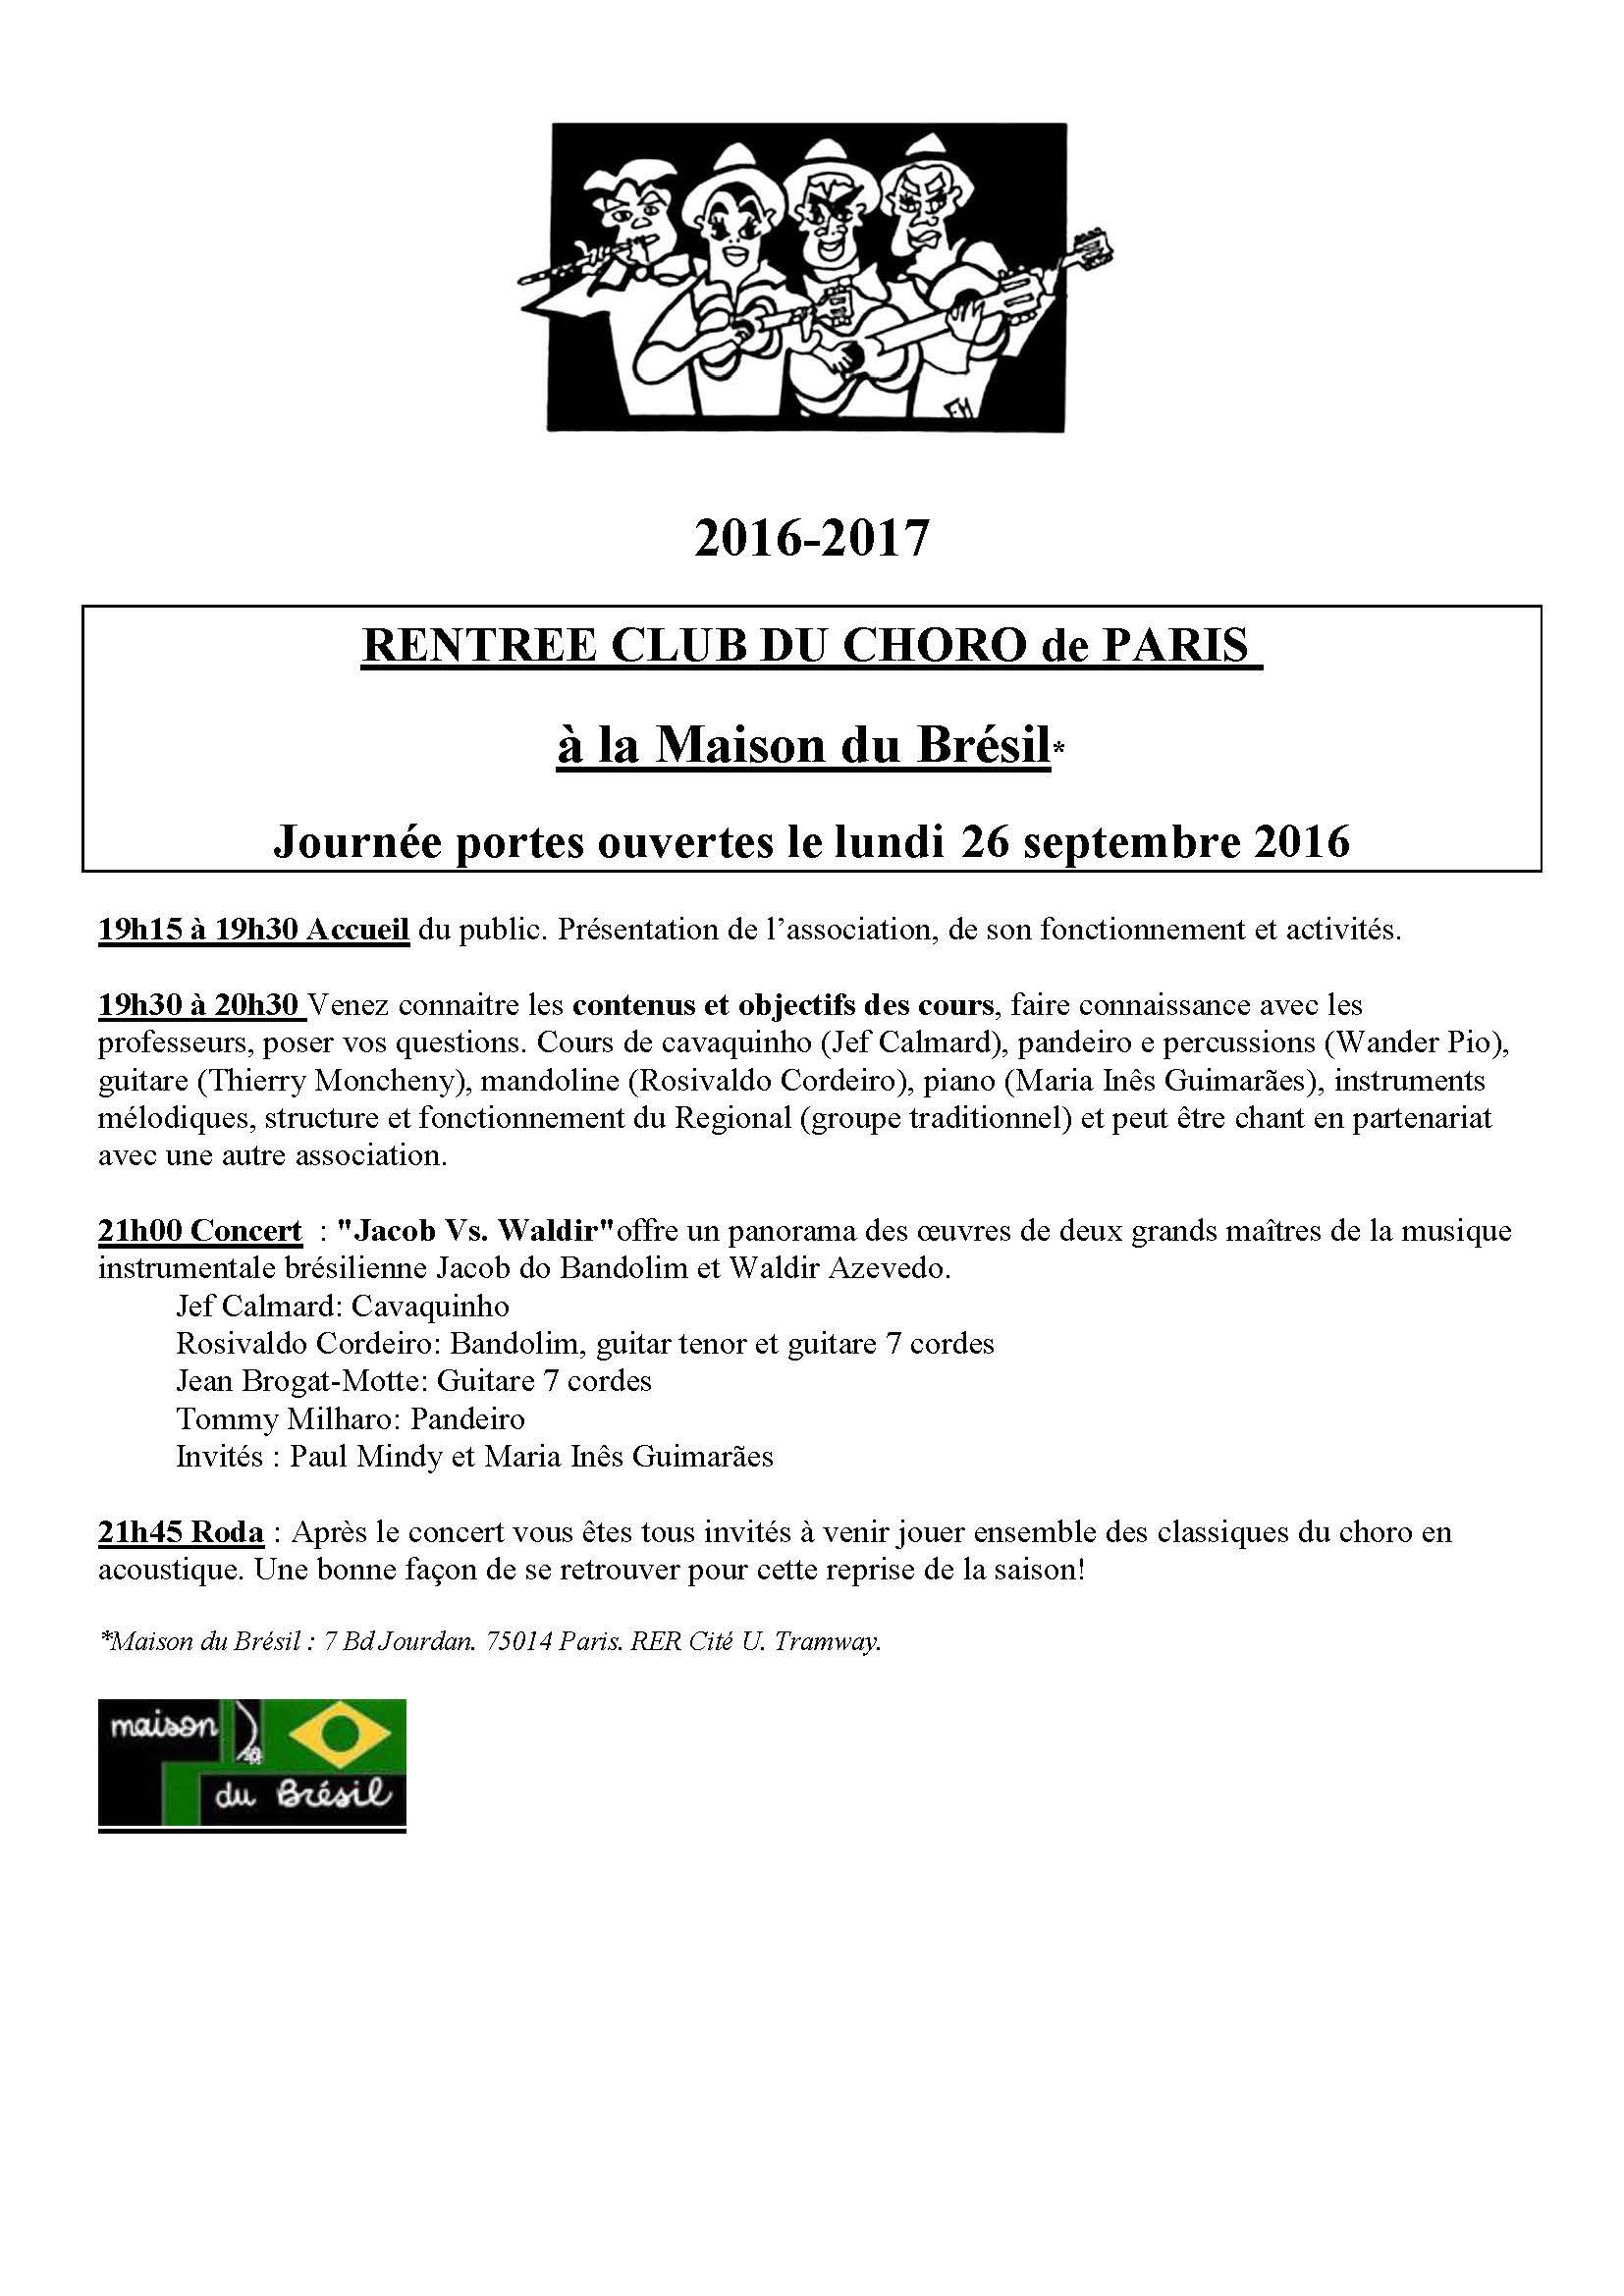 rentreeclubchoro2016-2017